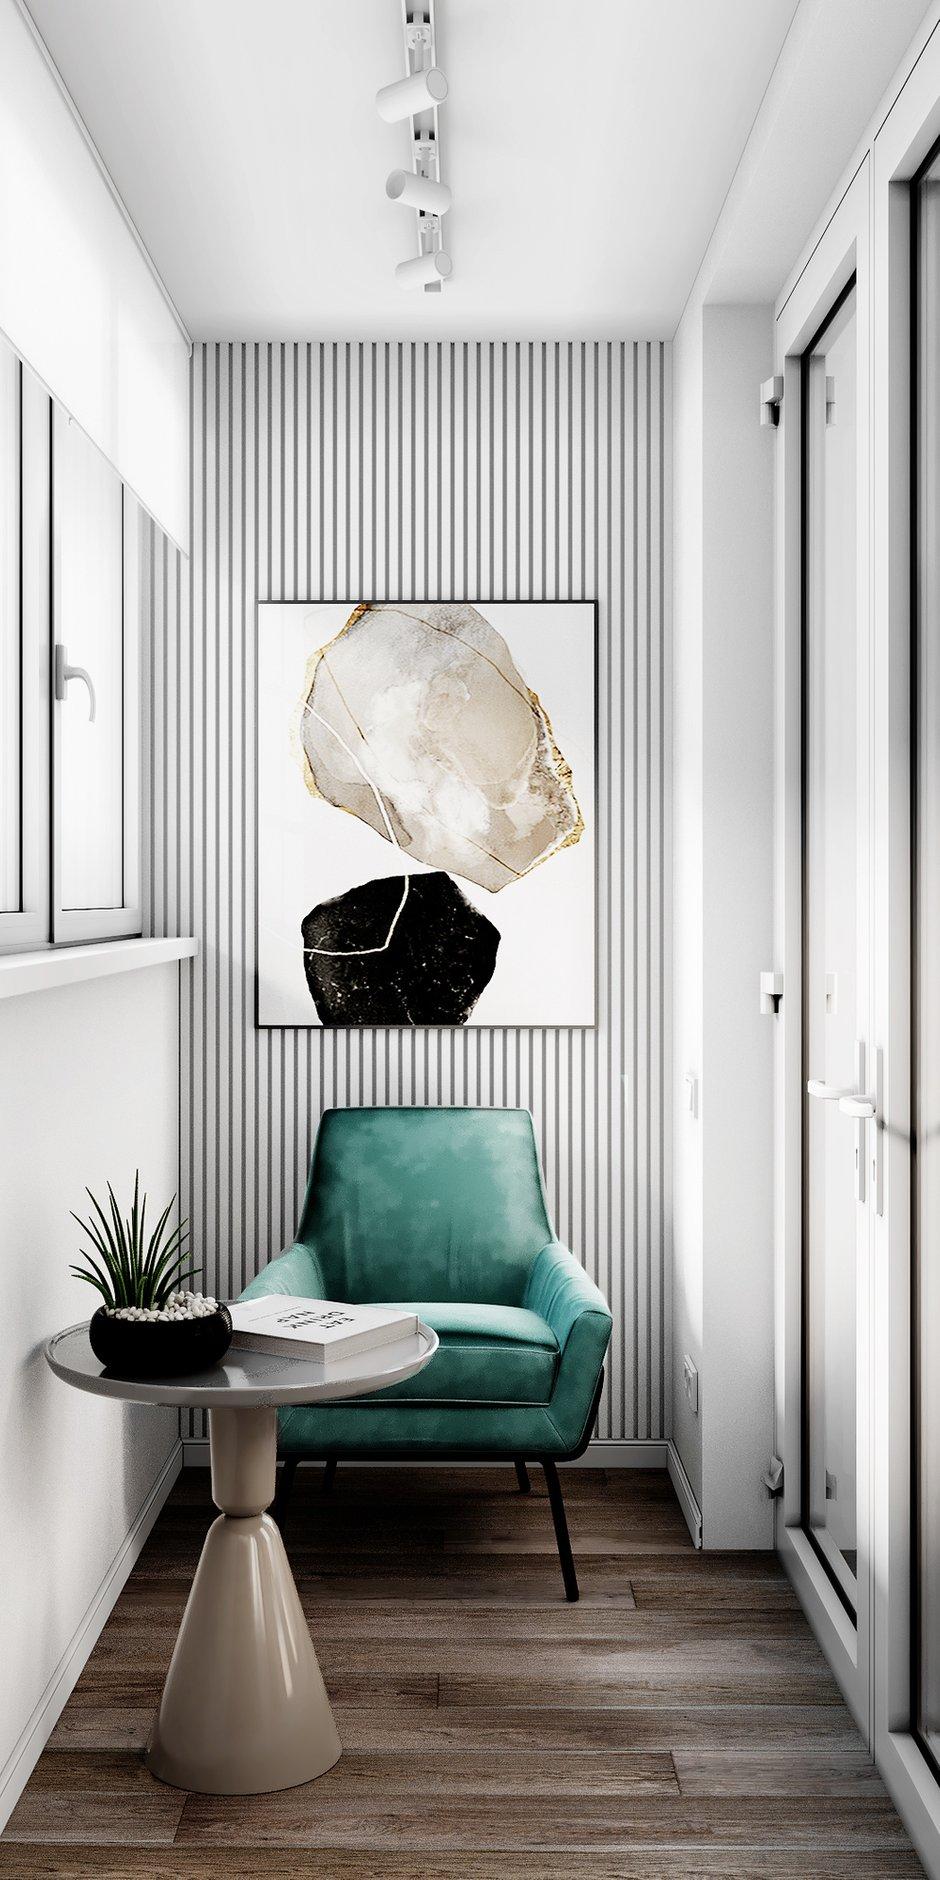 Фотография: Балкон в стиле Современный, Квартира, Проект недели, 3 комнаты, Более 90 метров, Люберцы, Александра Гартке – фото на INMYROOM